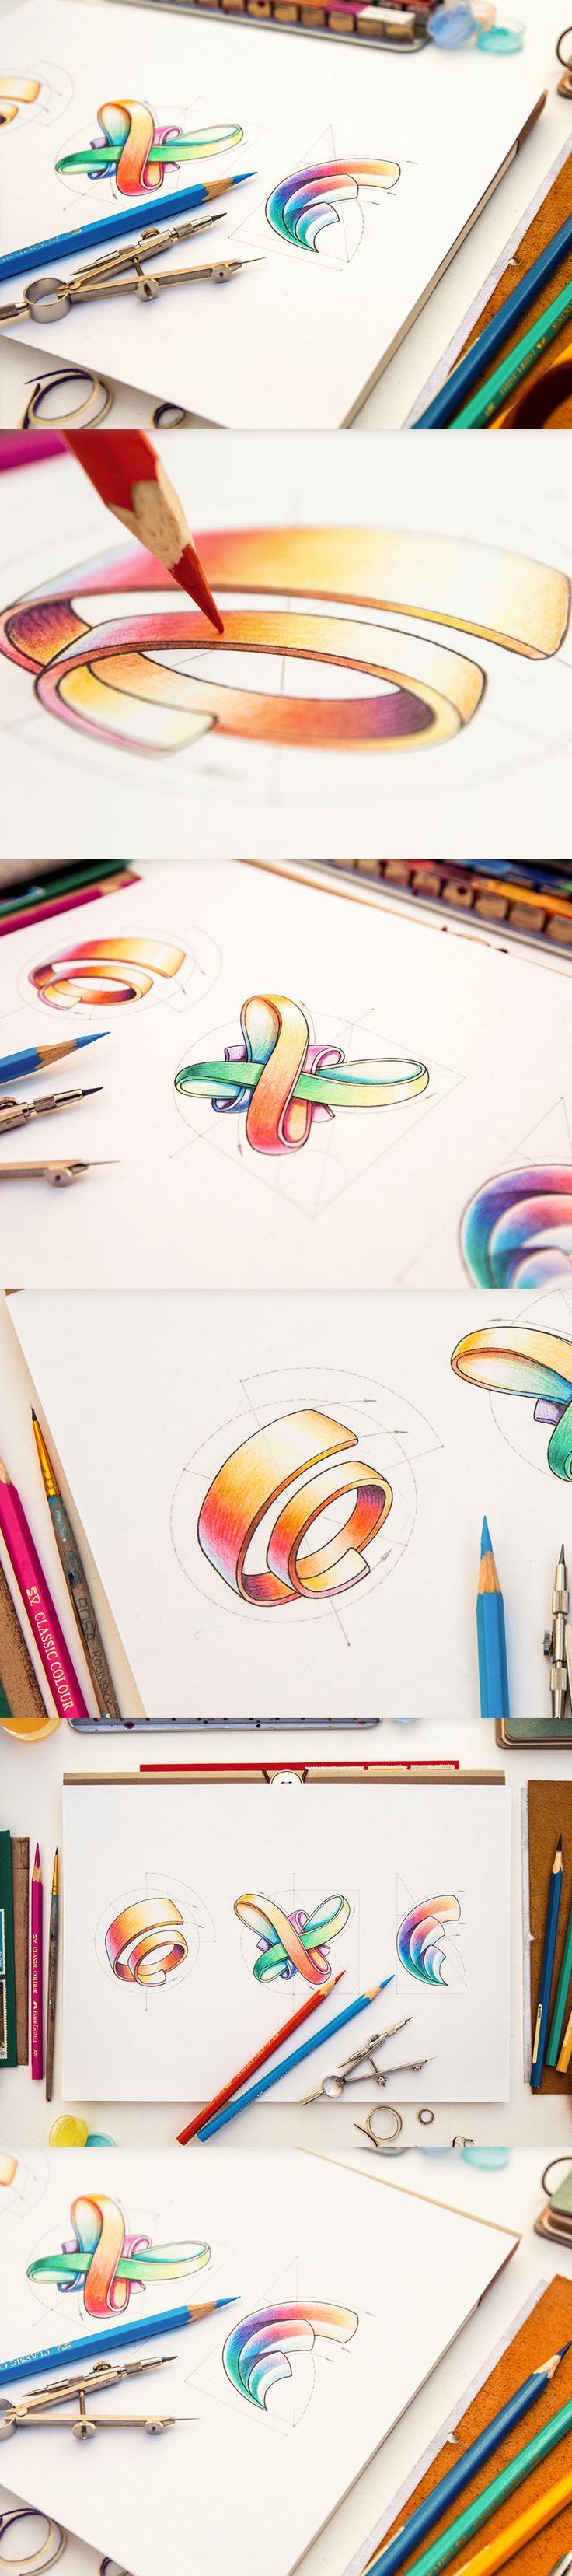 Desenho geométrico + cores = formatos inusitados!